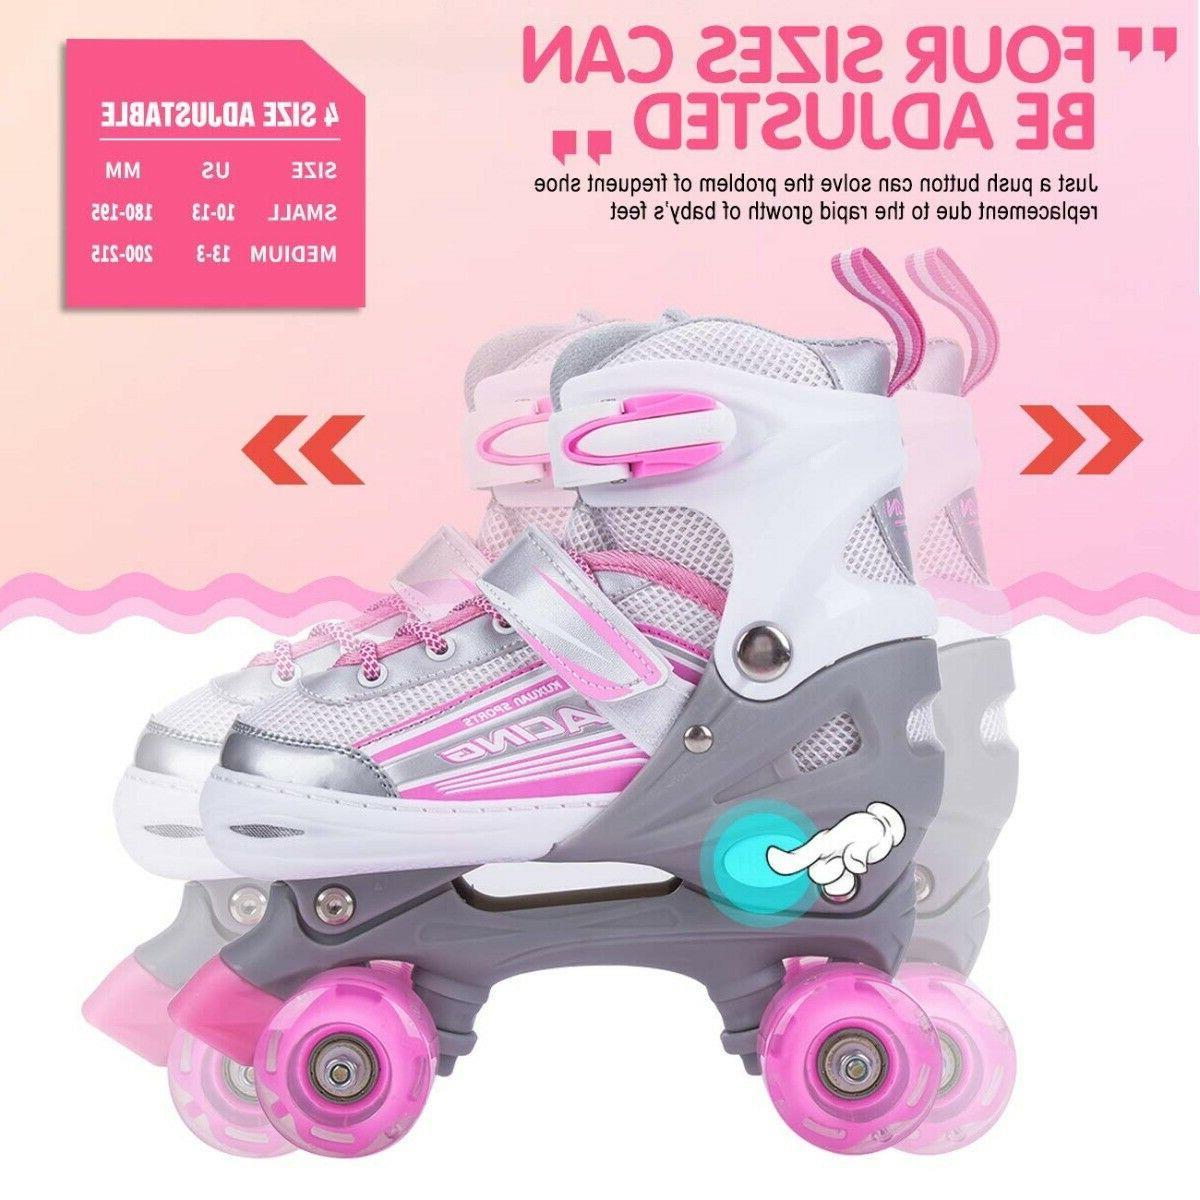 Kuxuan Saya Skates ~Light